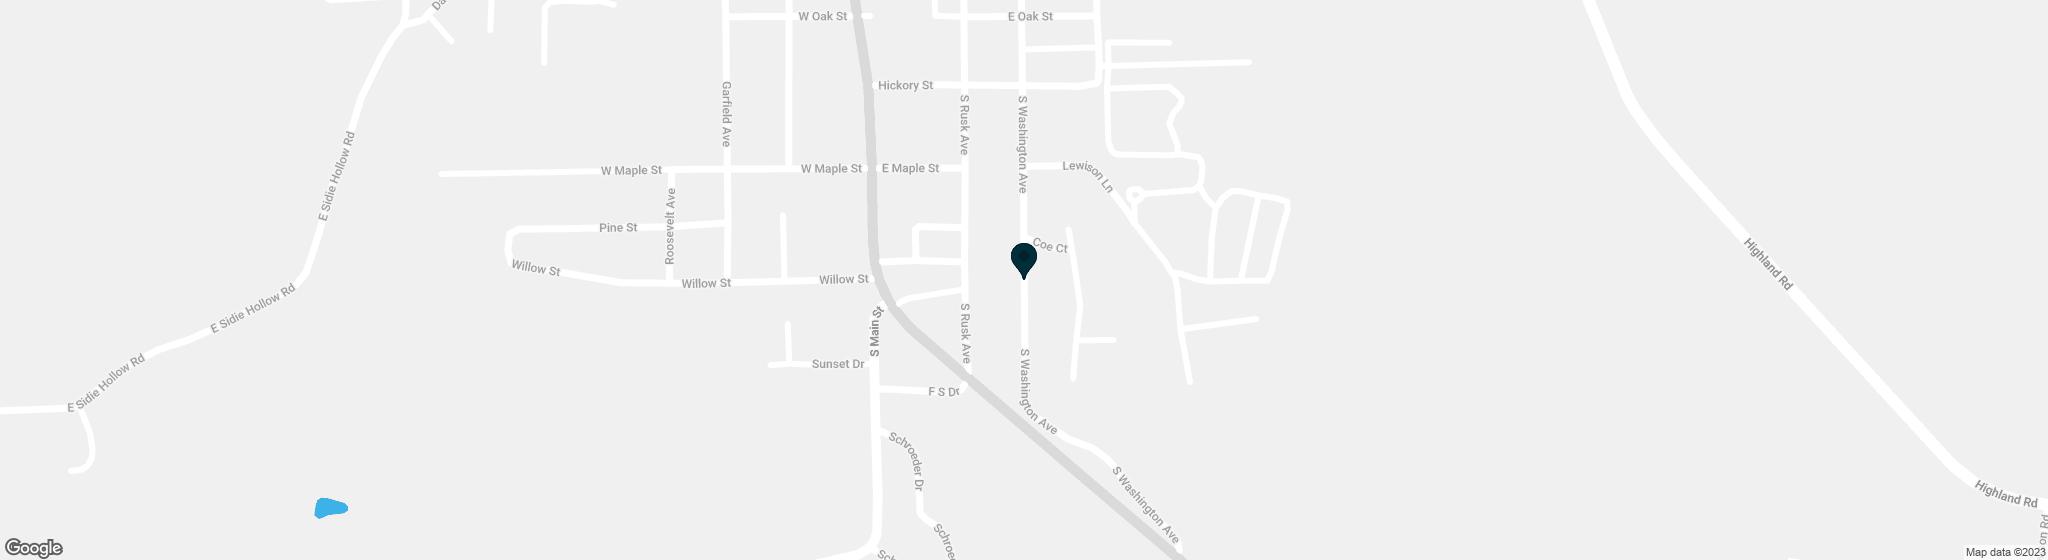 701 S Washington Ave Viroqua WI 54665